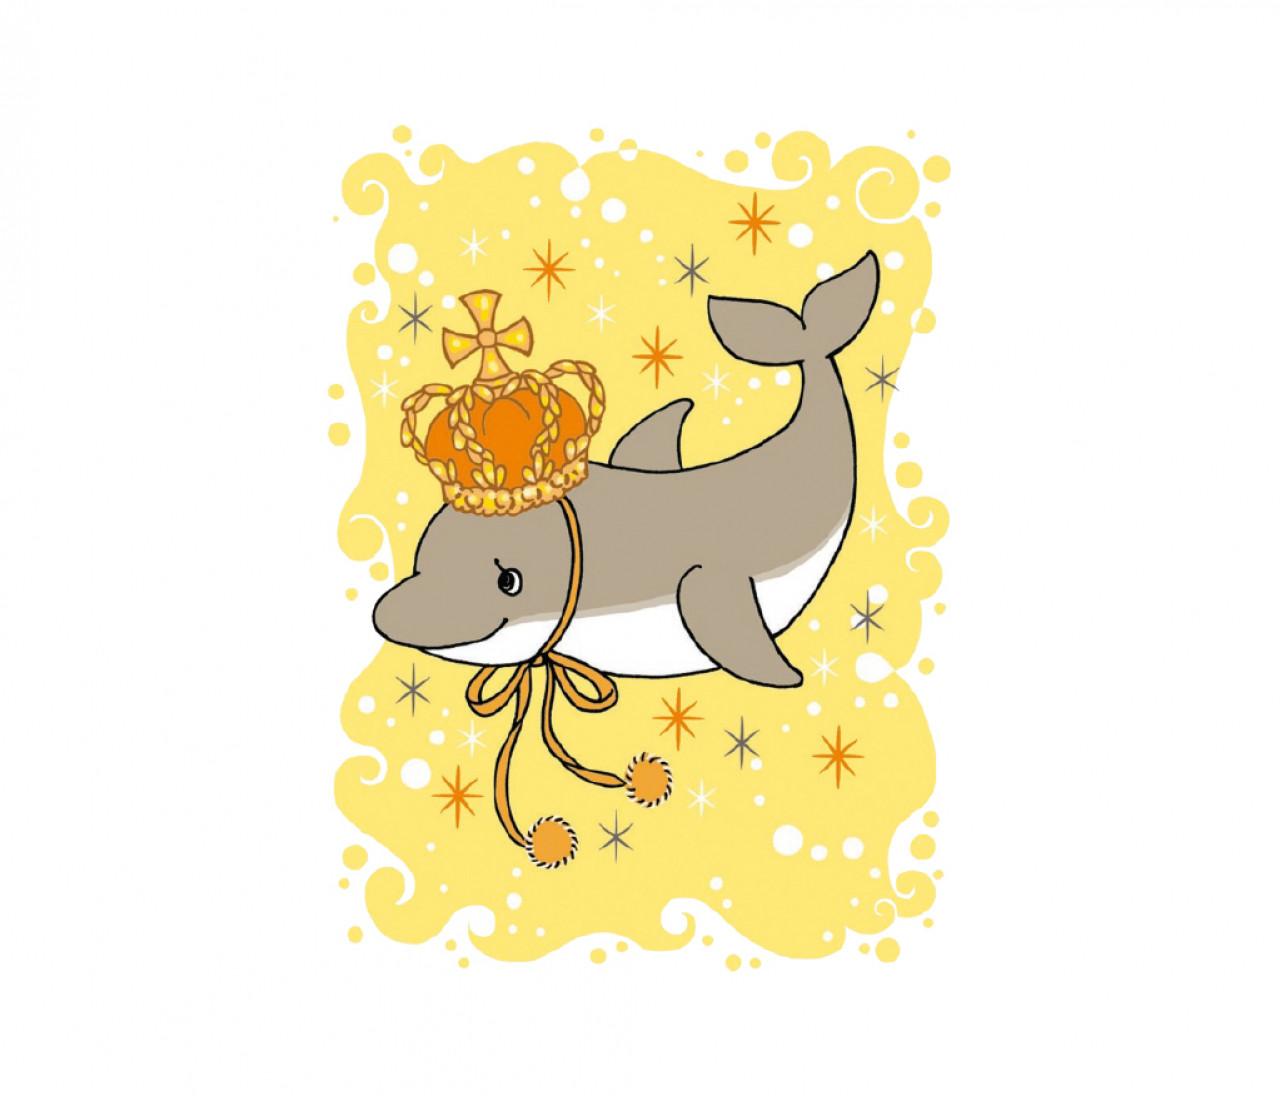 【ゲッターズ飯田の五星三心占い】<金のイルカ座>タイプの2021年の運勢